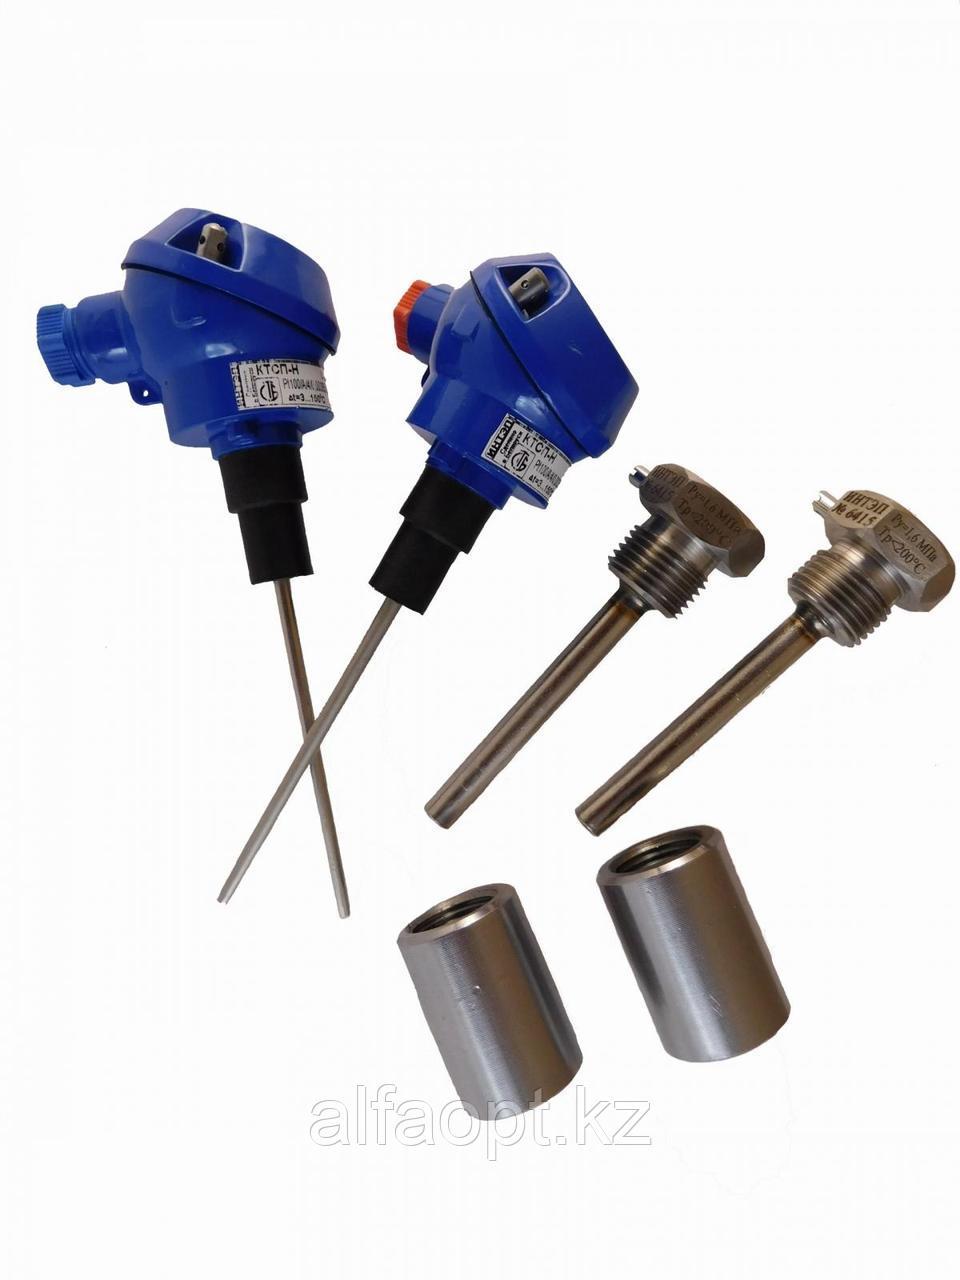 Согласованная пара термопреобразователей сопротивления (с гильзами и бобышками) L120